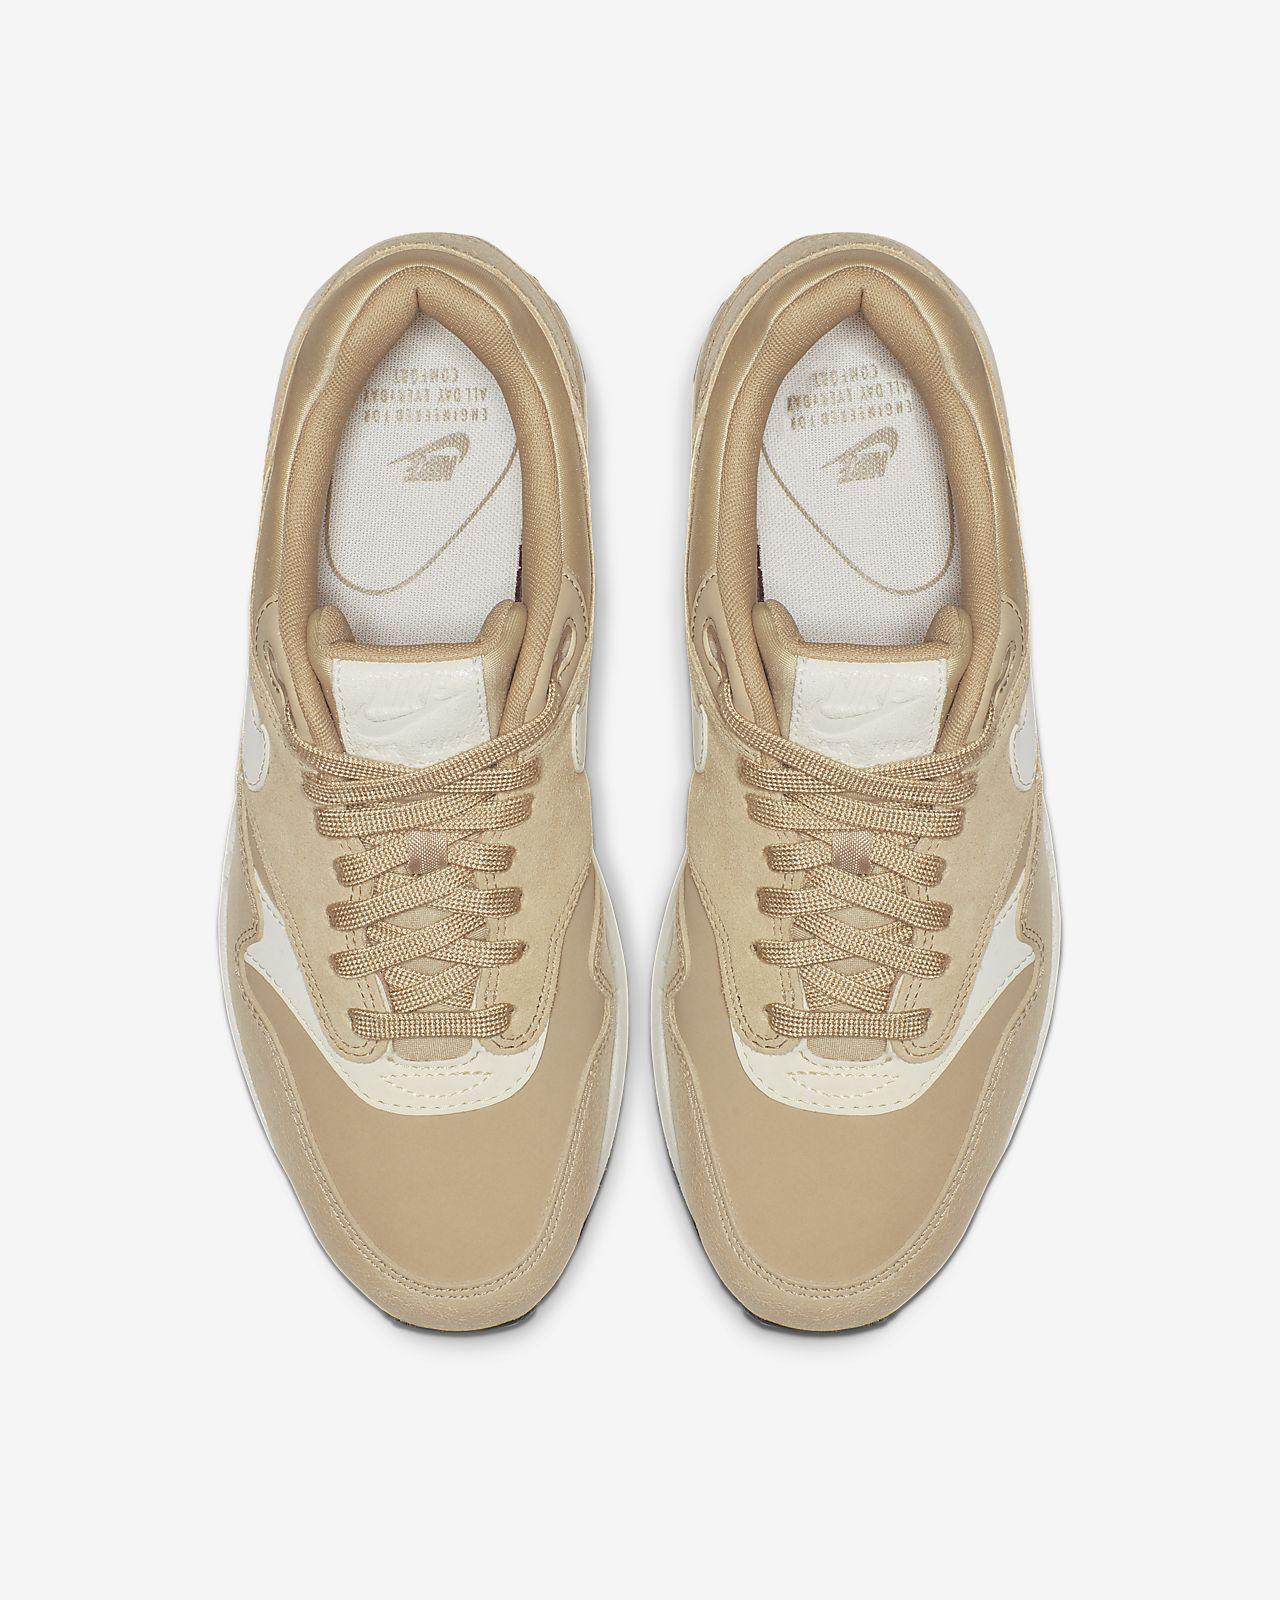 buy popular 501c1 74b10 ... Sko Nike Air Max 1 Premium för kvinnor